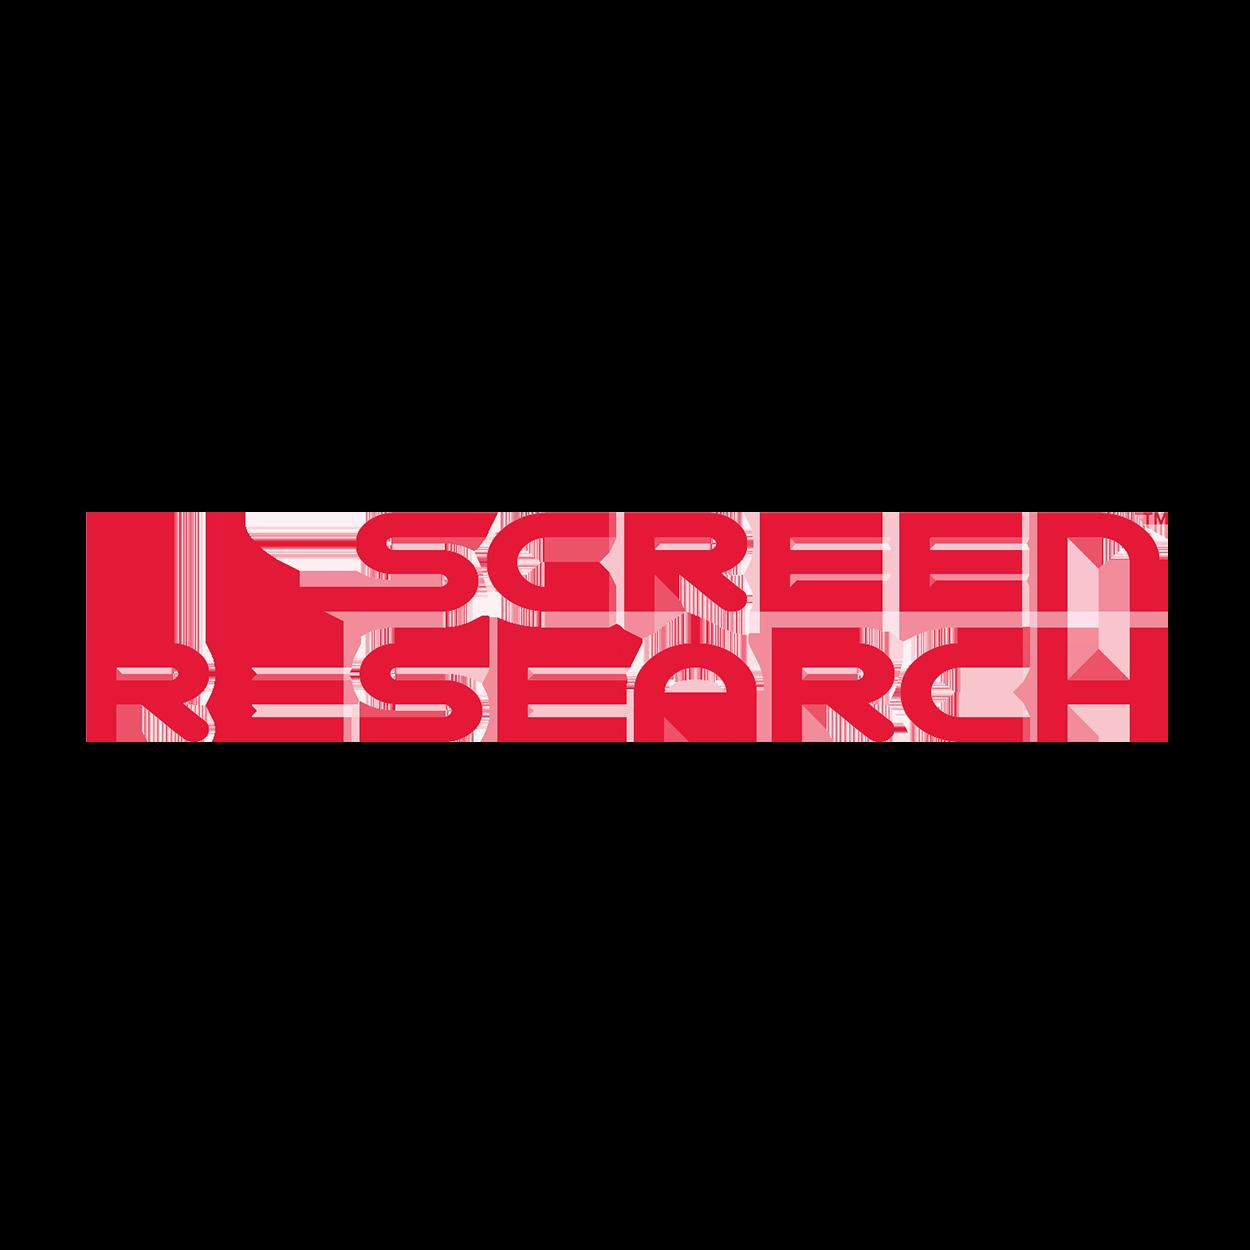 screenresearch.png